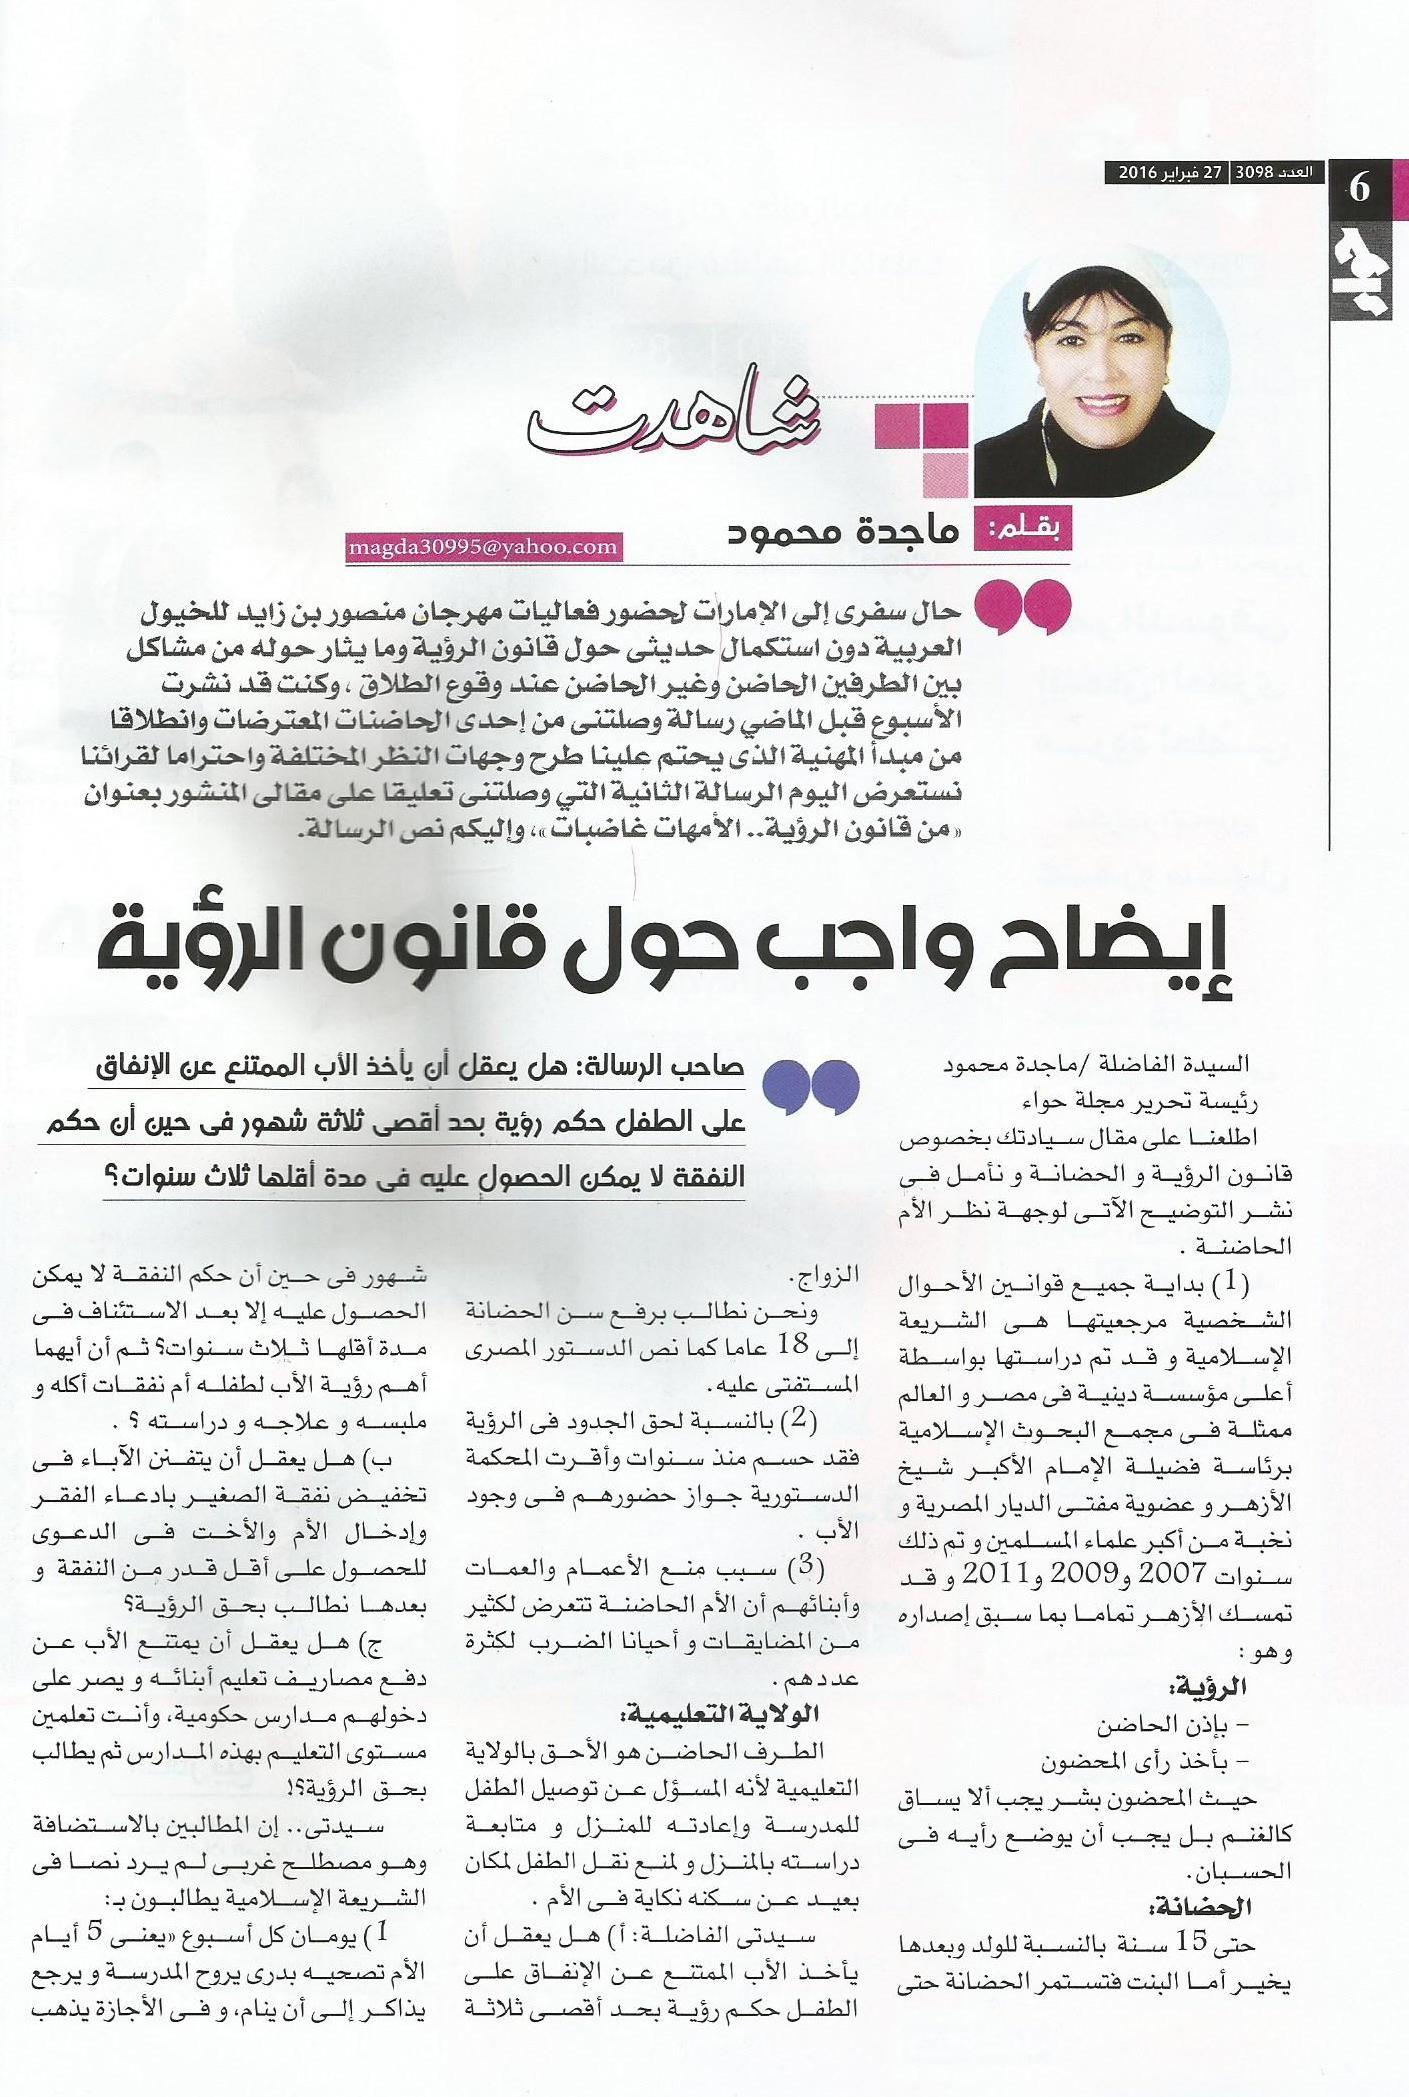 إيضاح واجب حول قانون الرؤية..و رد جمعية رعاية الأمهات الحاضنات (اللواء محمد جمال الدين الليثى)